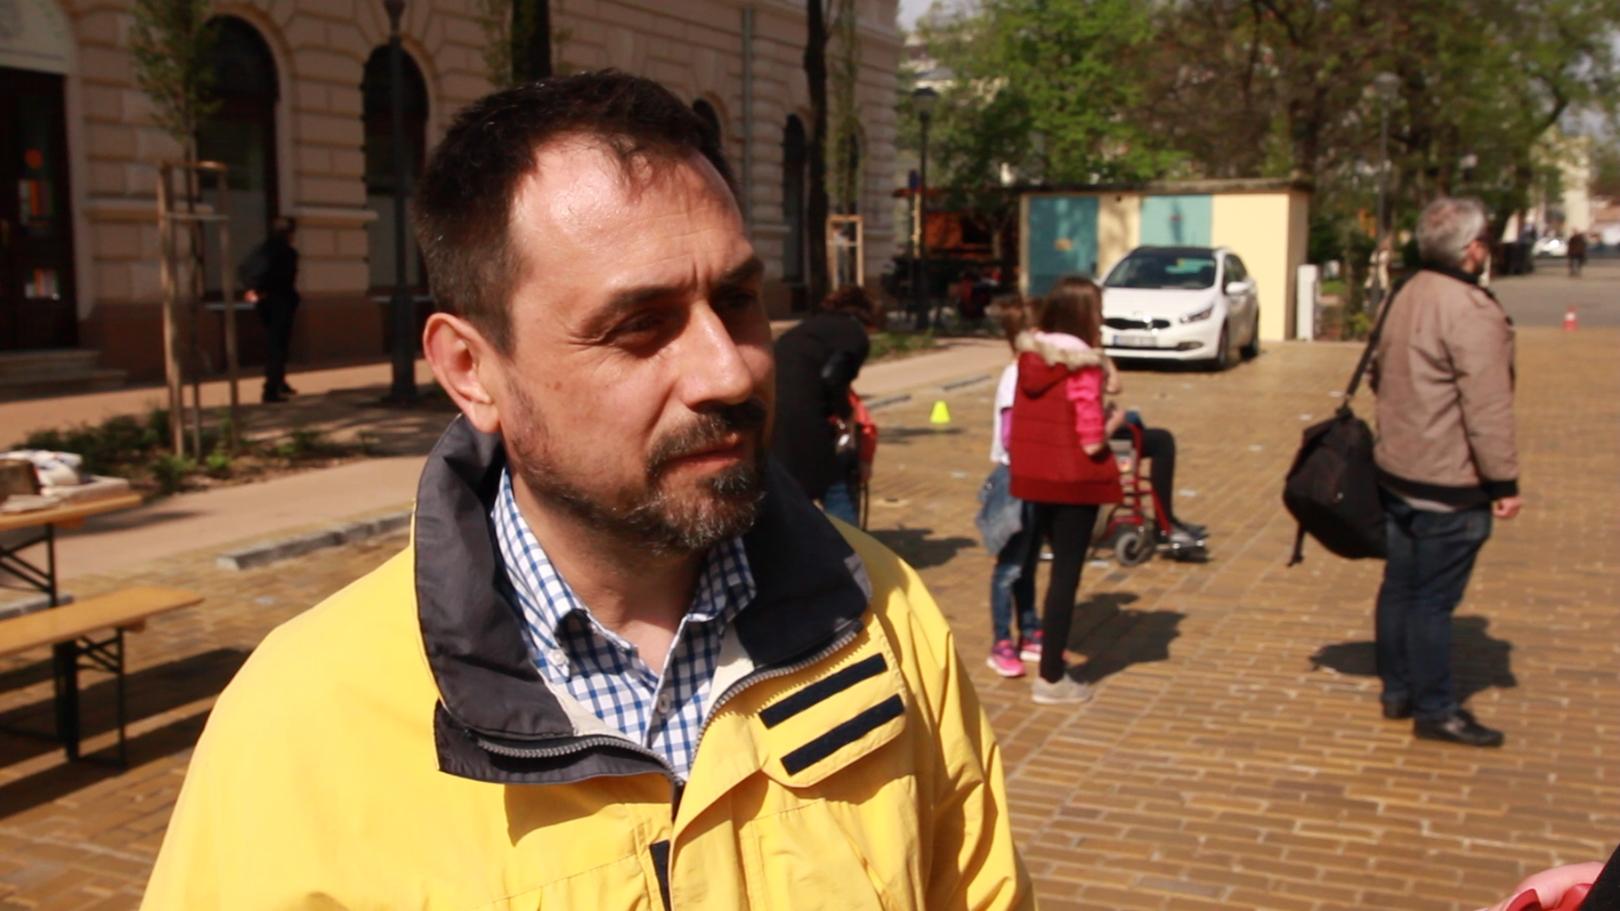 Bocskai István, az OTP Bank társadalmi kapcsolatokért felelős vezetője